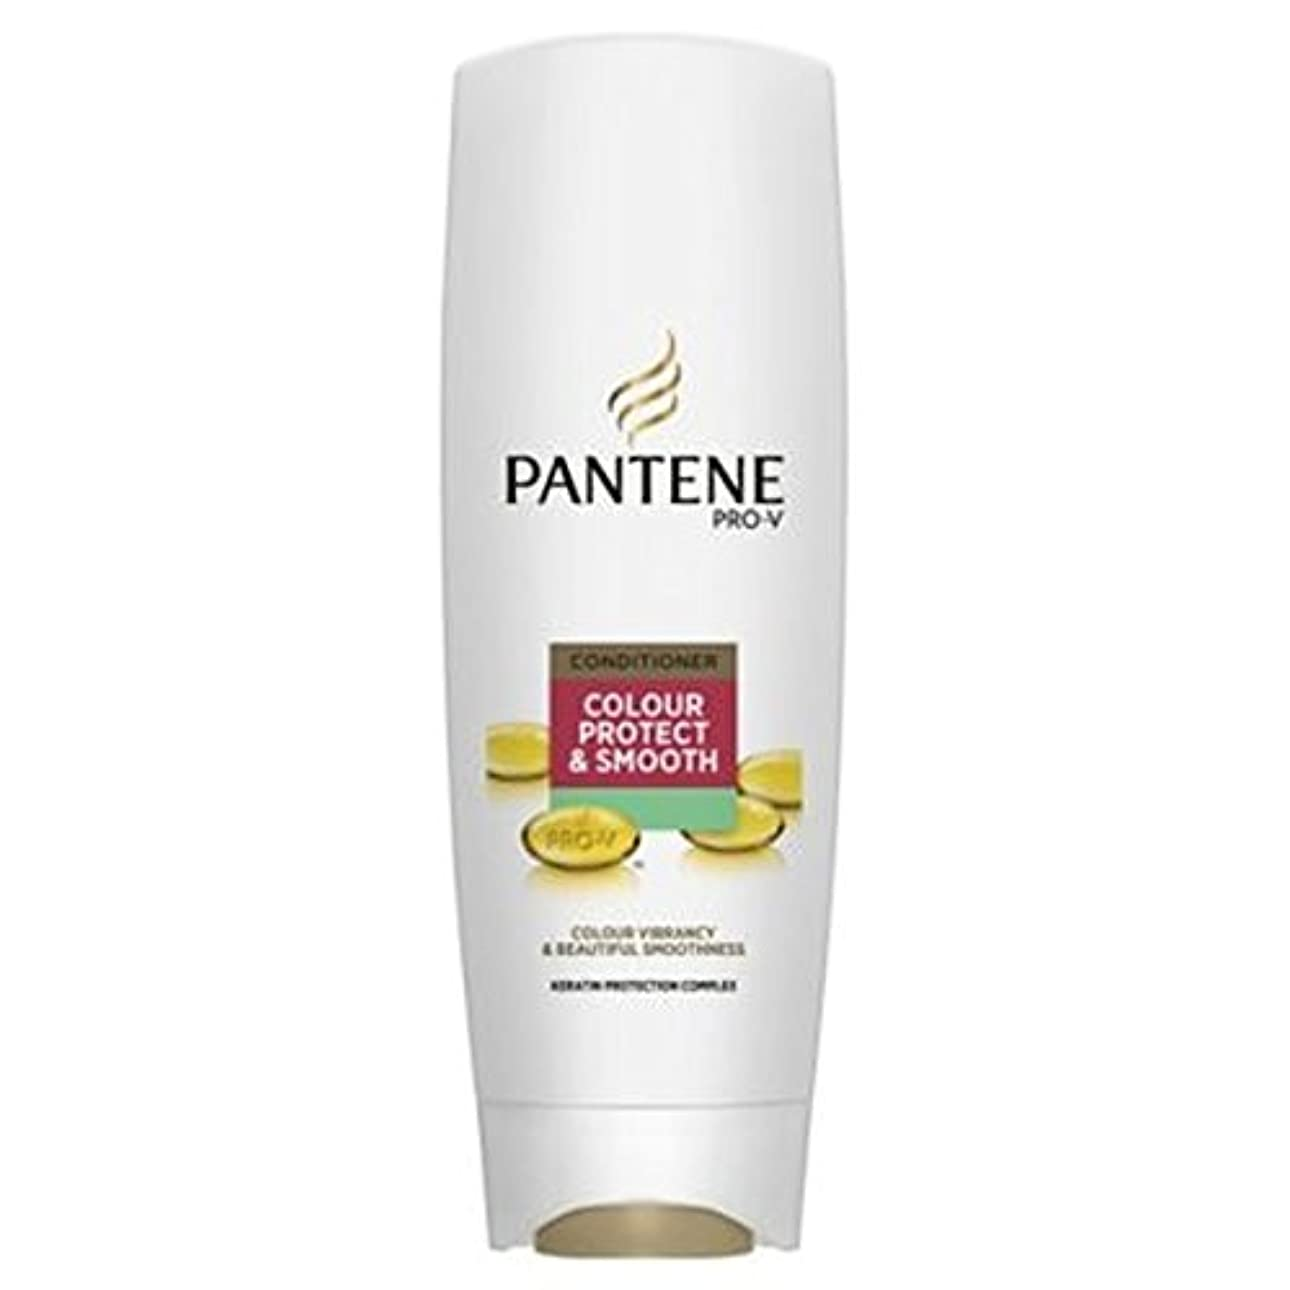 原始的な勤勉な国歌パンテーンプロVの色保護&スムーズコンディショナー360ミリリットル (Pantene) (x2) - Pantene Pro-V Colour Protect & Smooth Conditioner 360ml (Pack...